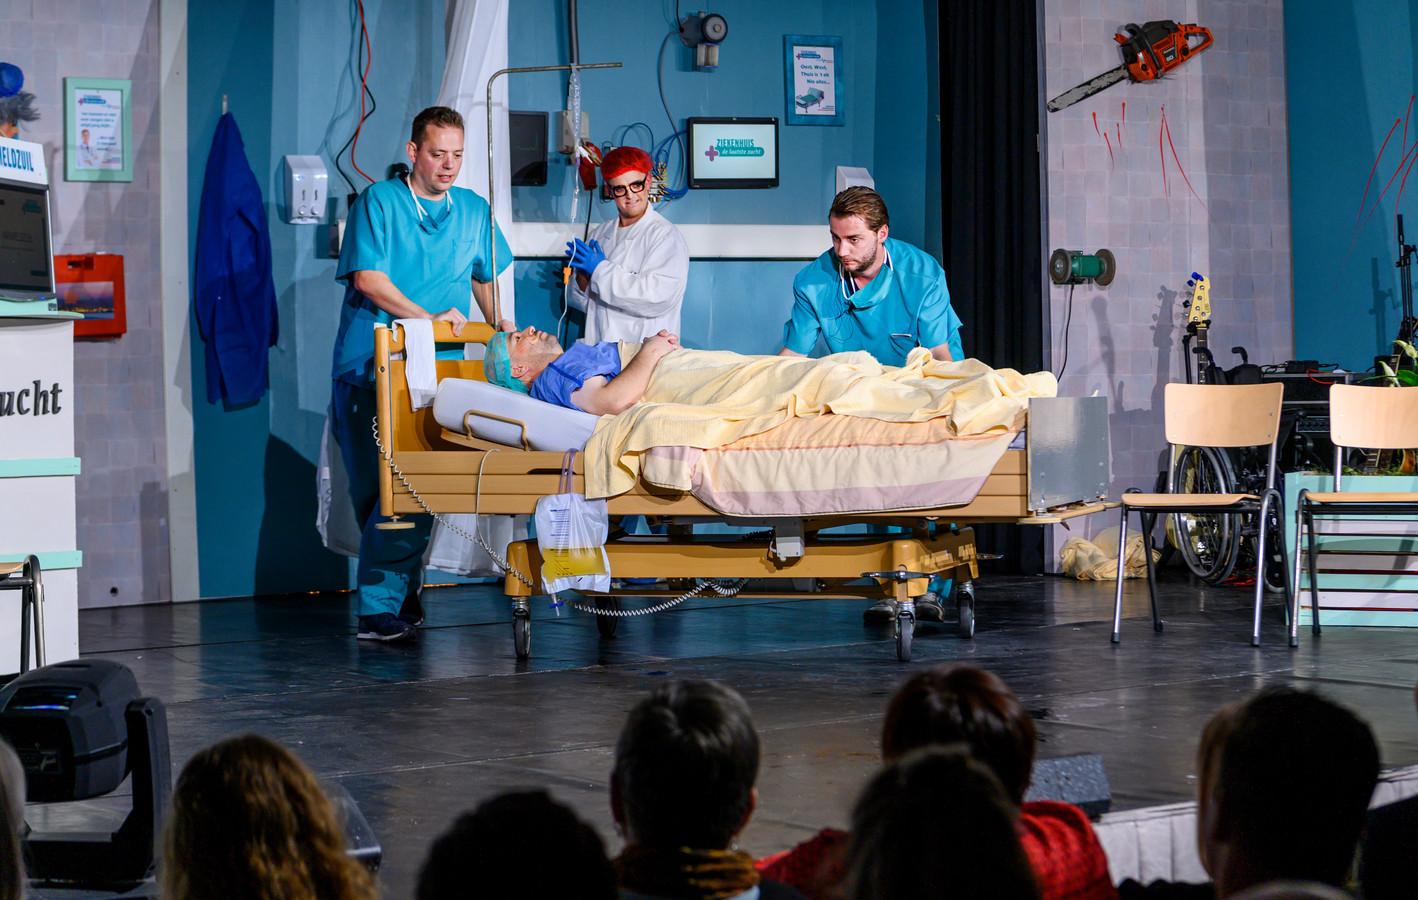 In MFC De Snoeck wordt de Lithse Revu opgevoerd. Dit jaar onder de titel Operatie Ziekenhuis. Een scene uit het ziekenhuis De Laatste Zucht.